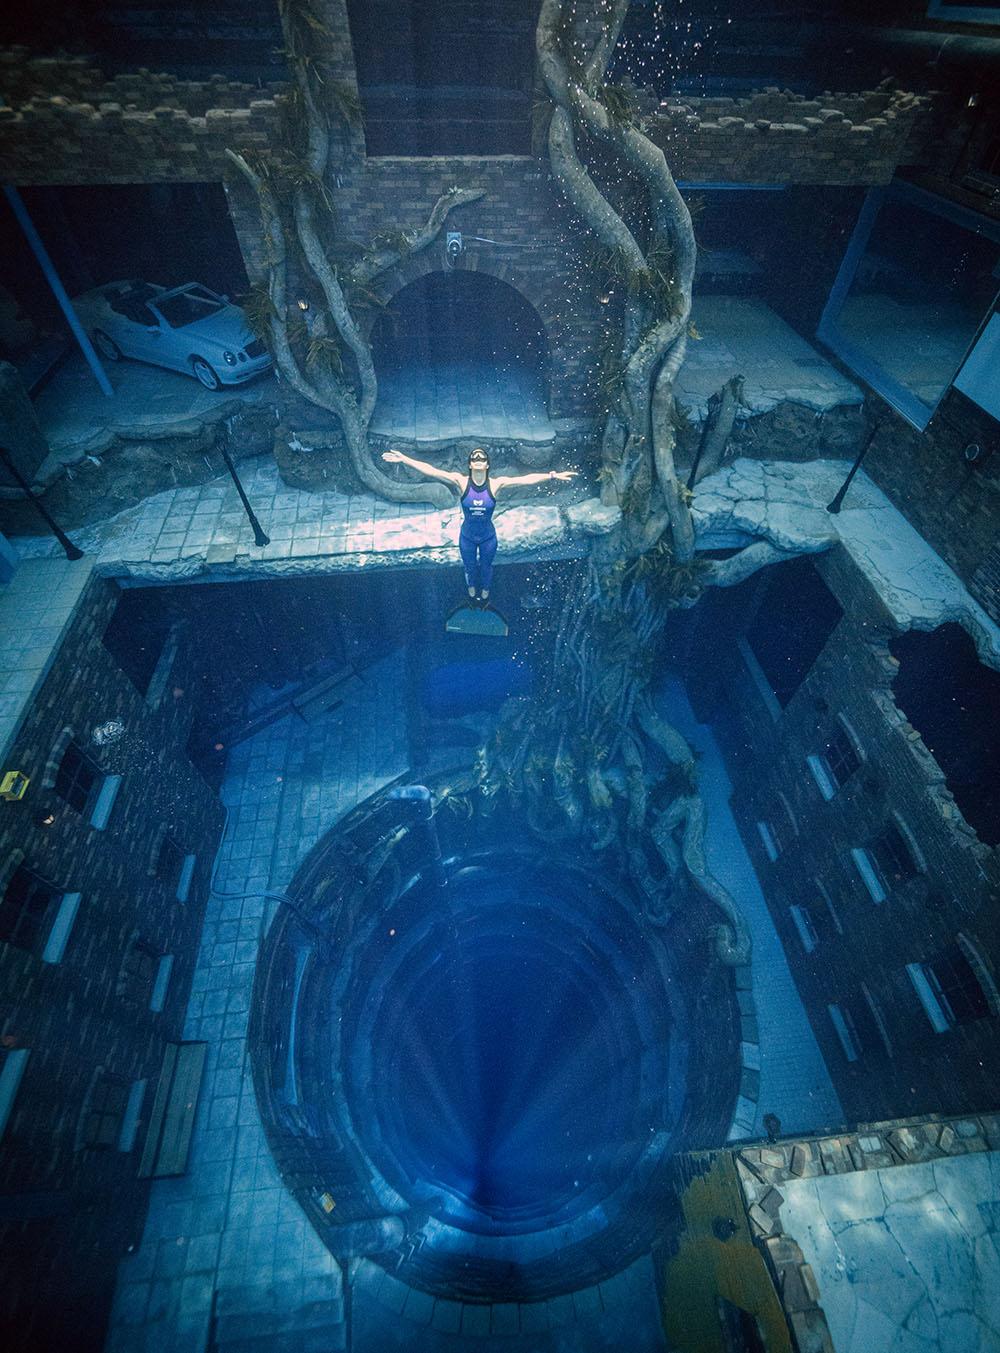 Deep Dive Dubai sâu hơn 15 m so với bể lặn Deep Spot ở Ba Lan - nơi lập kỷ lục bể lặn sâu nhất thế giới năm 2020.